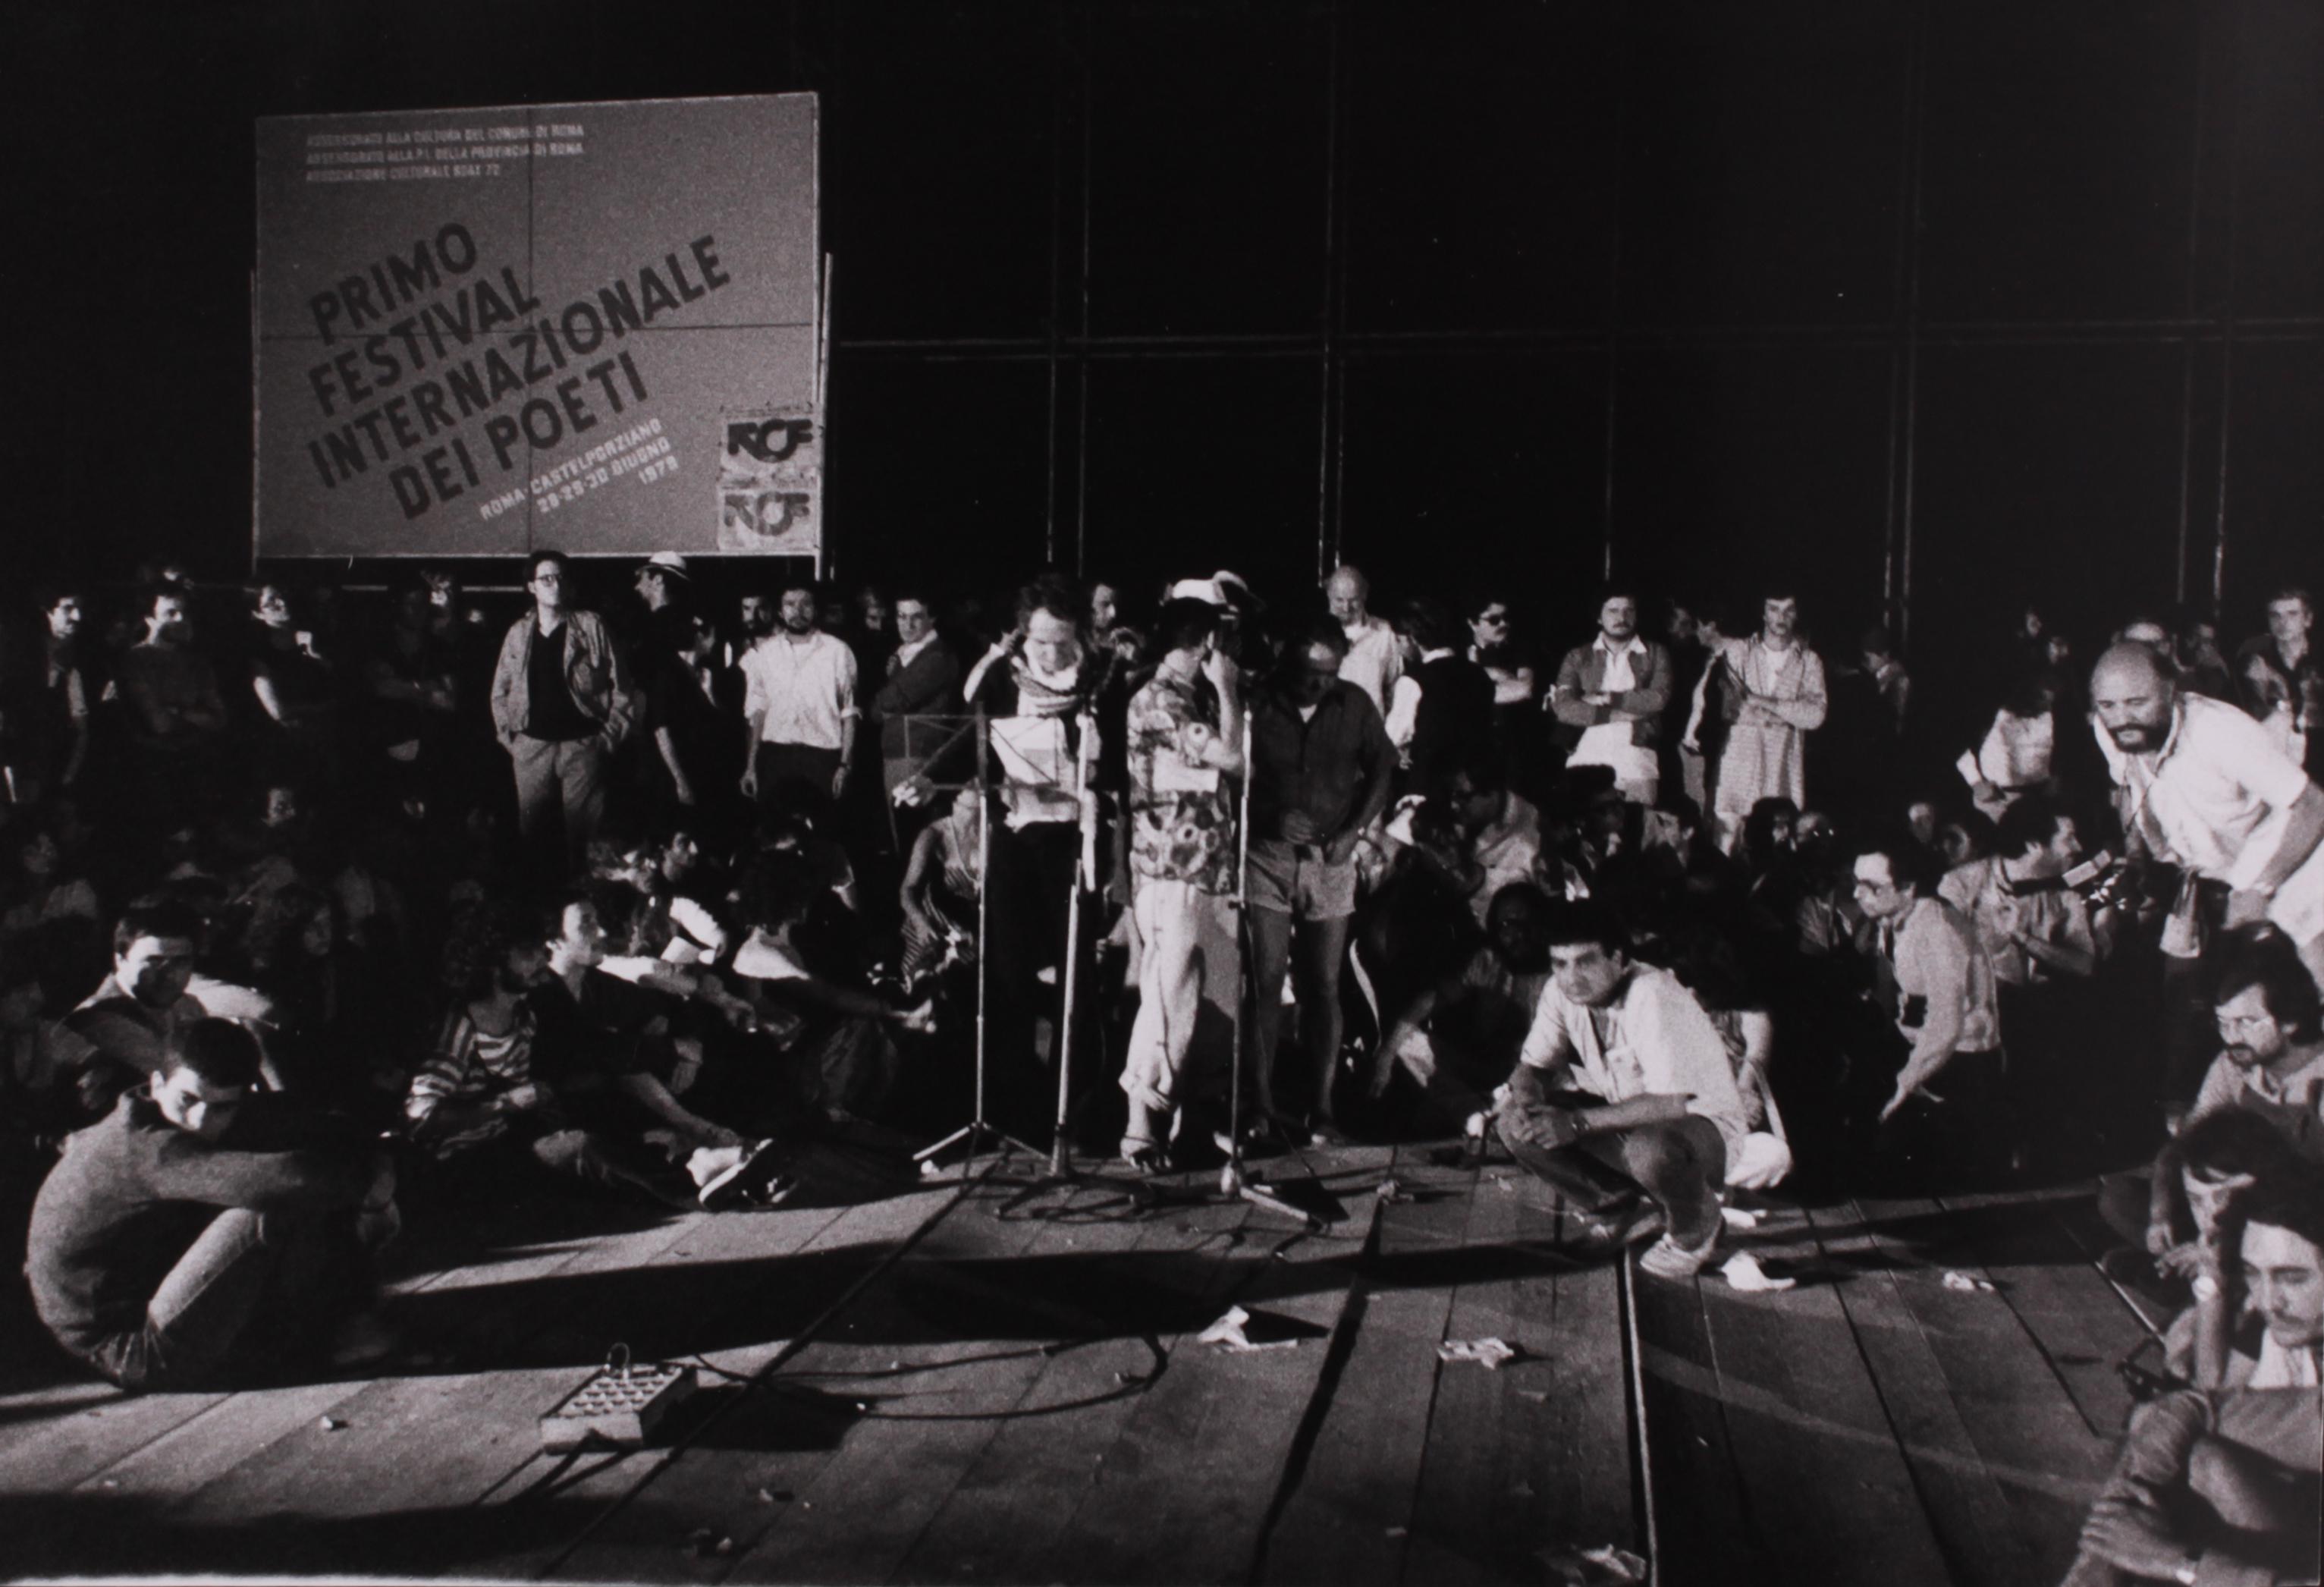 Castelporziano 1979 La svolta stracciona della cultura italiana